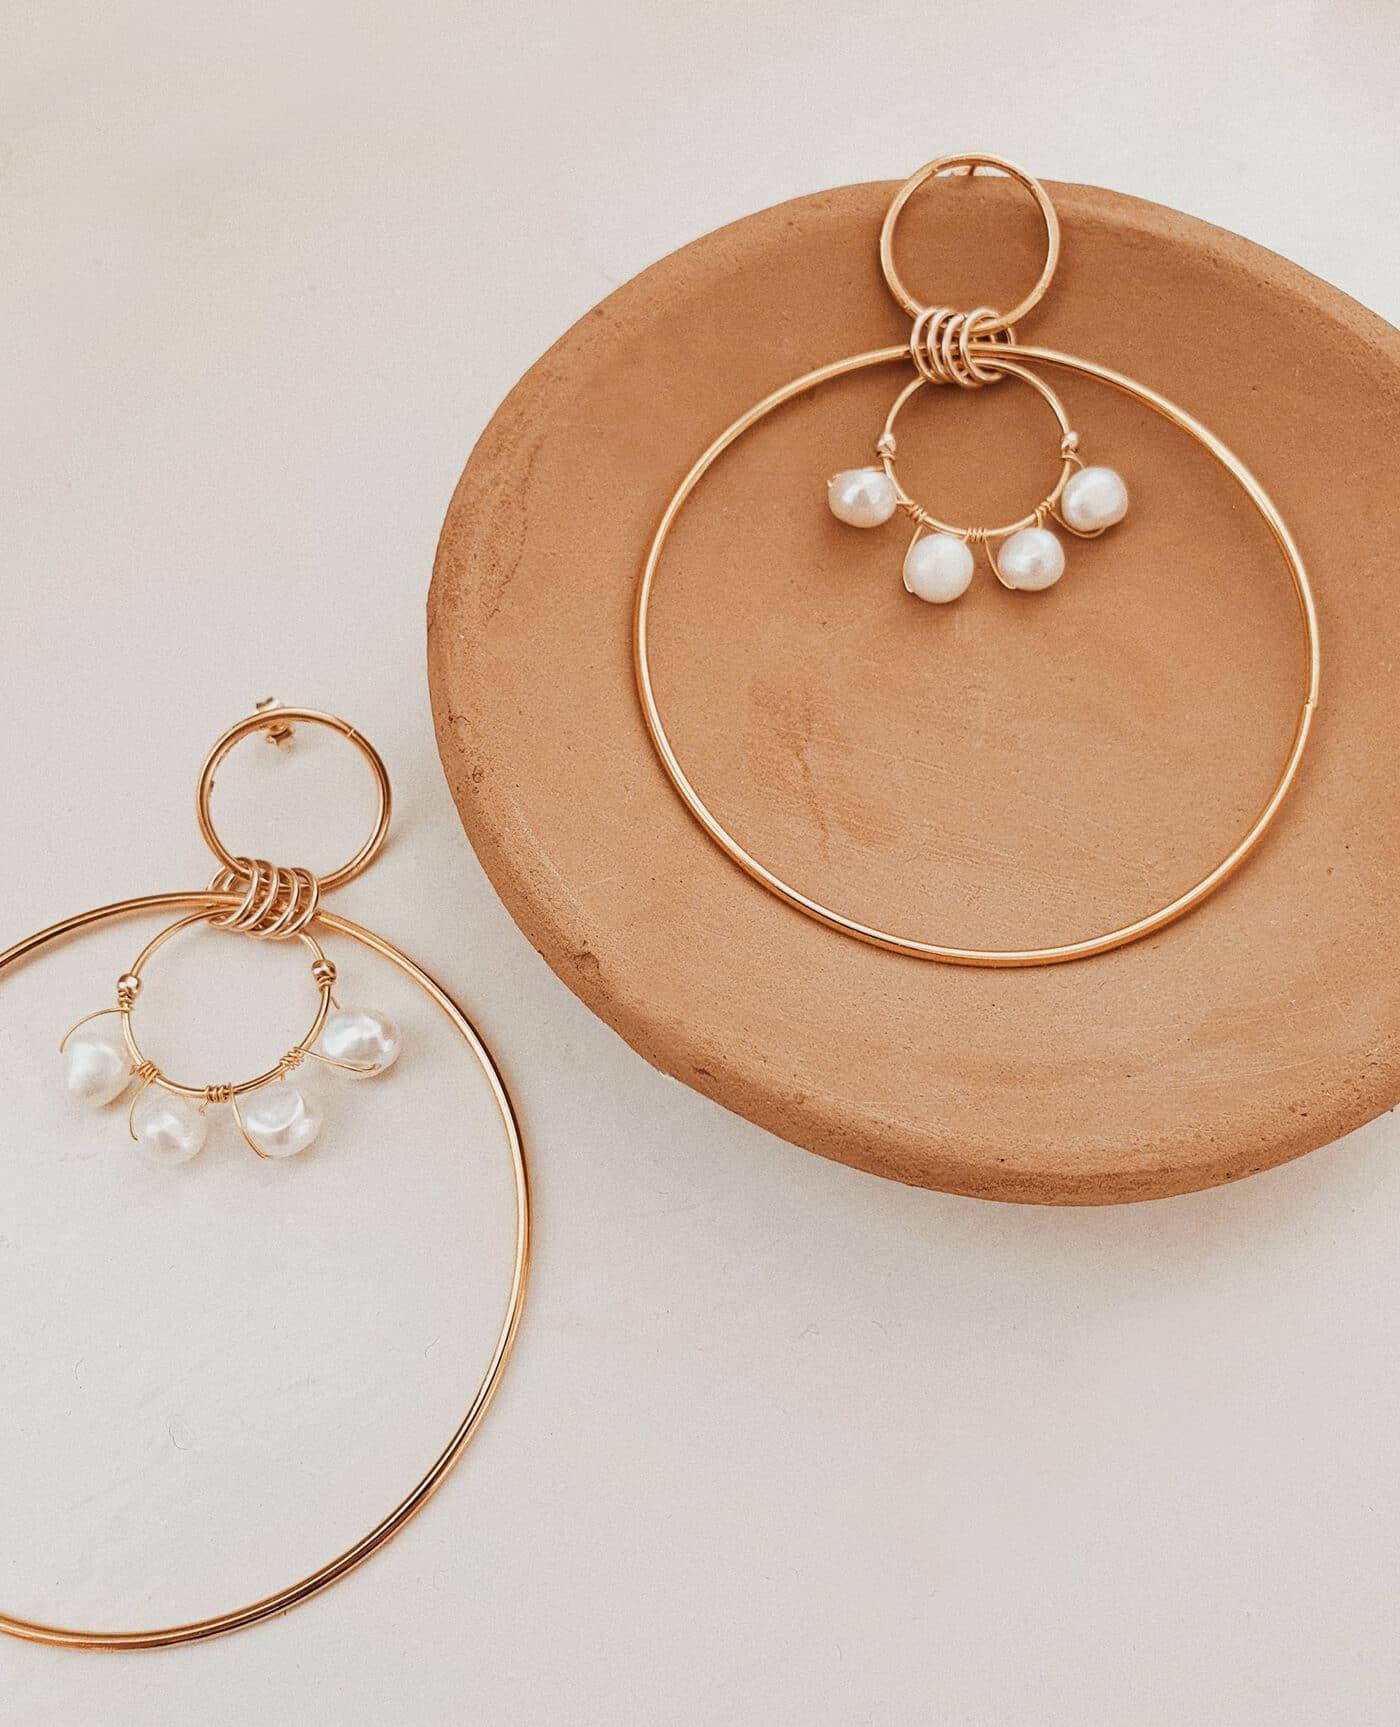 maxi Boucles d'oreilles créoles Érine en perles et or faites à la main de la marque Gisel B made in france